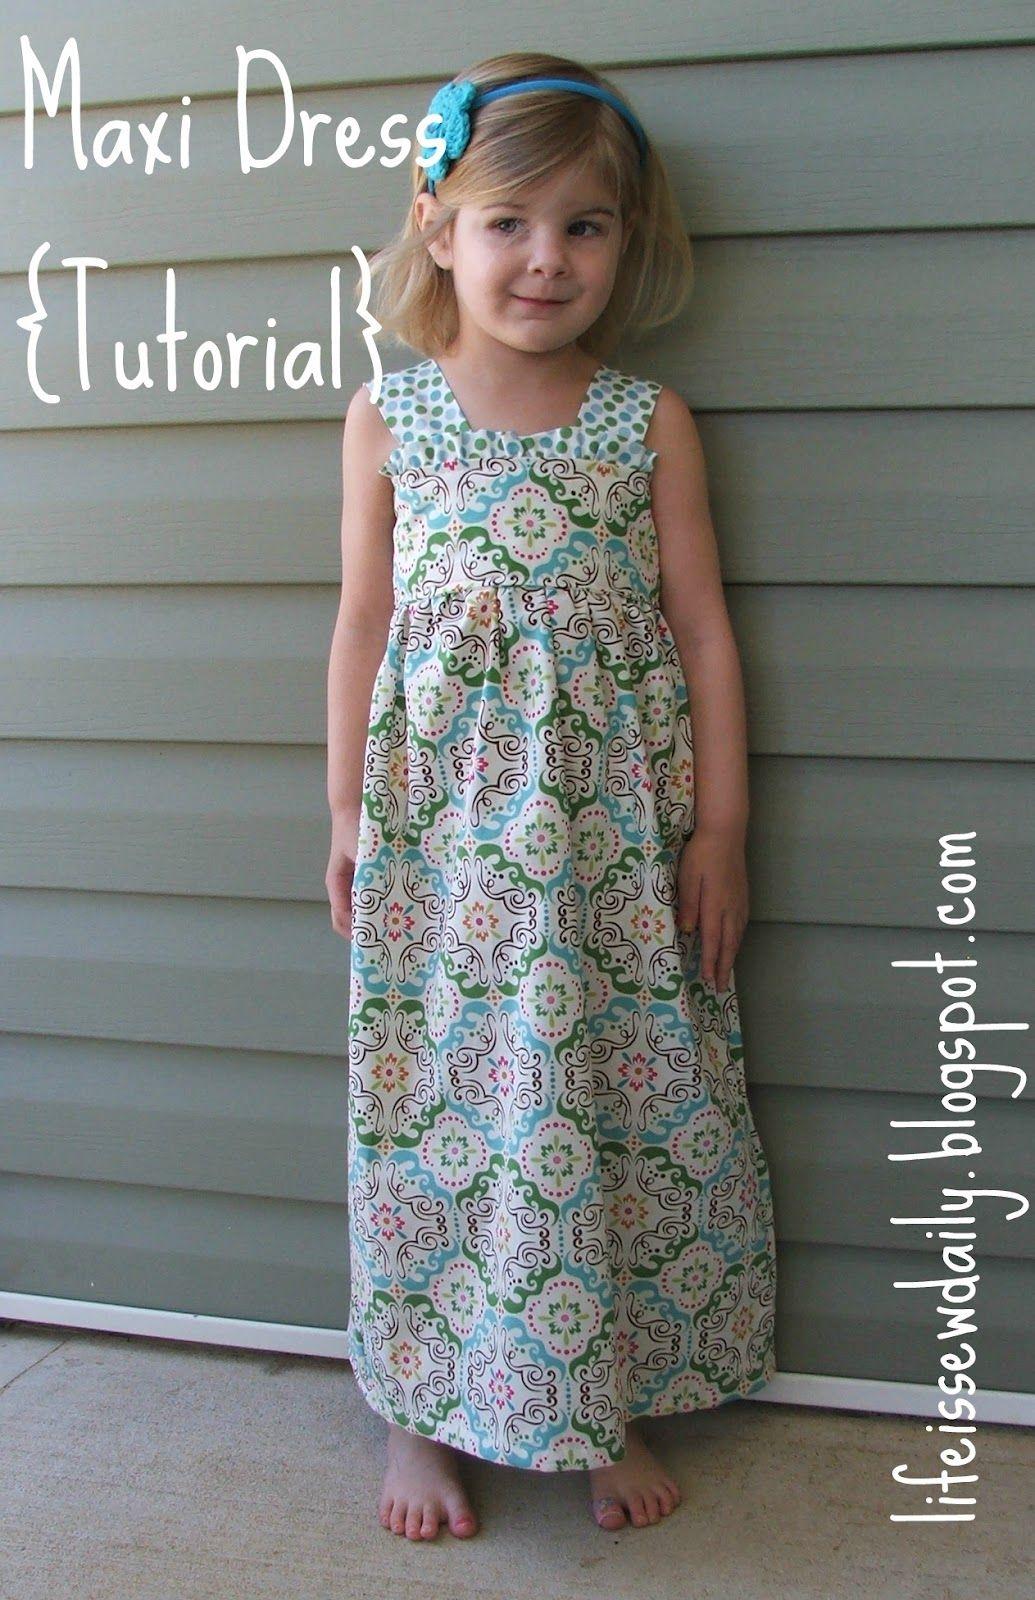 Maxi dress tutorial kids pinterest varrás